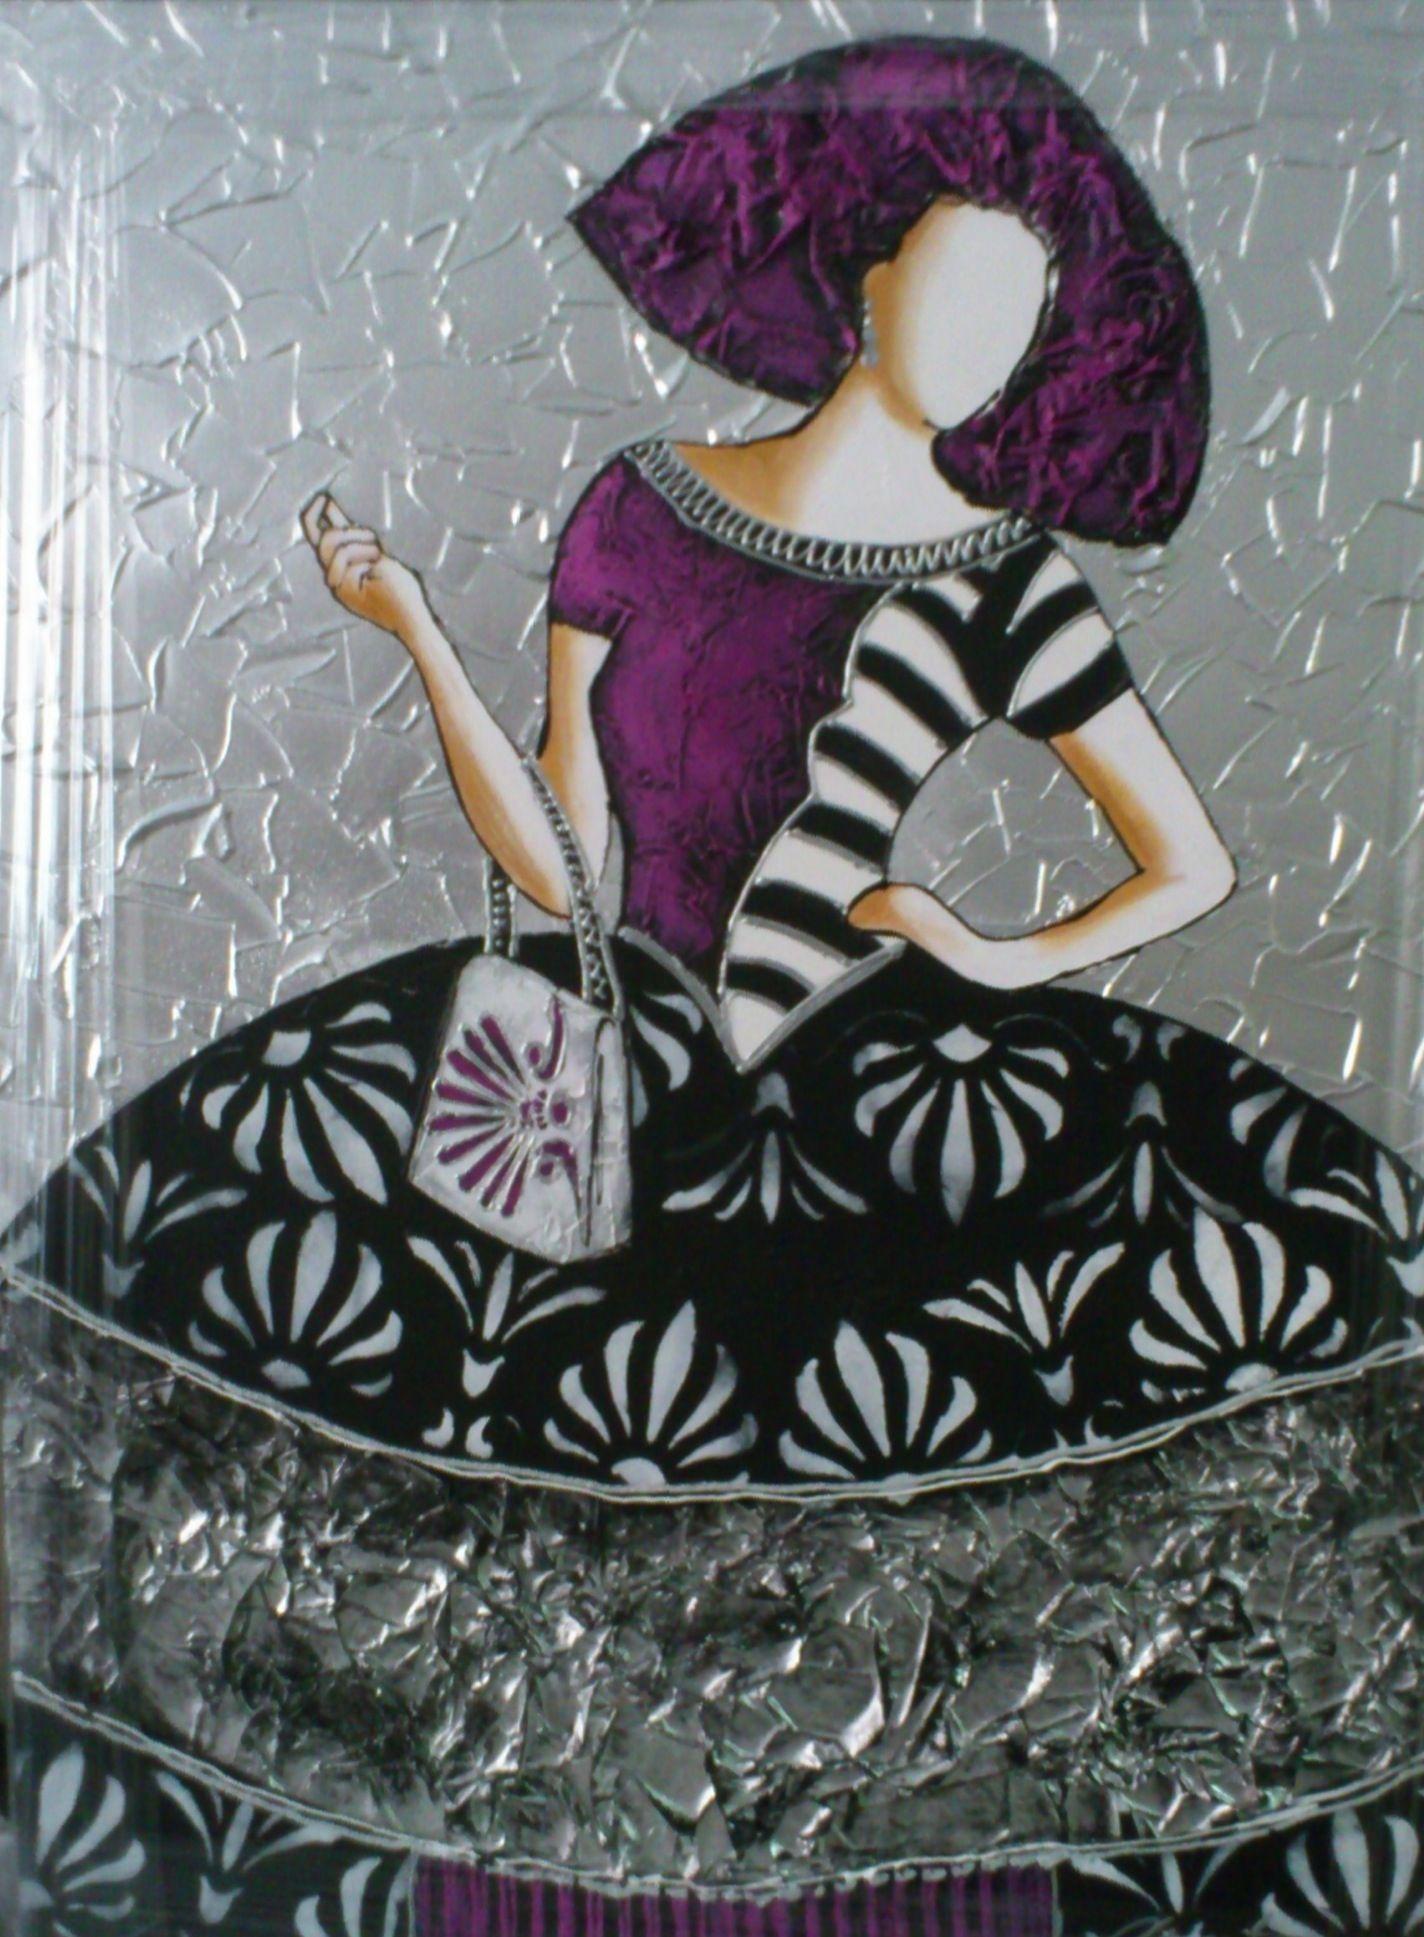 Menina cuadro canvas acr lica art painting las - Cuadros de meninas modernos ...